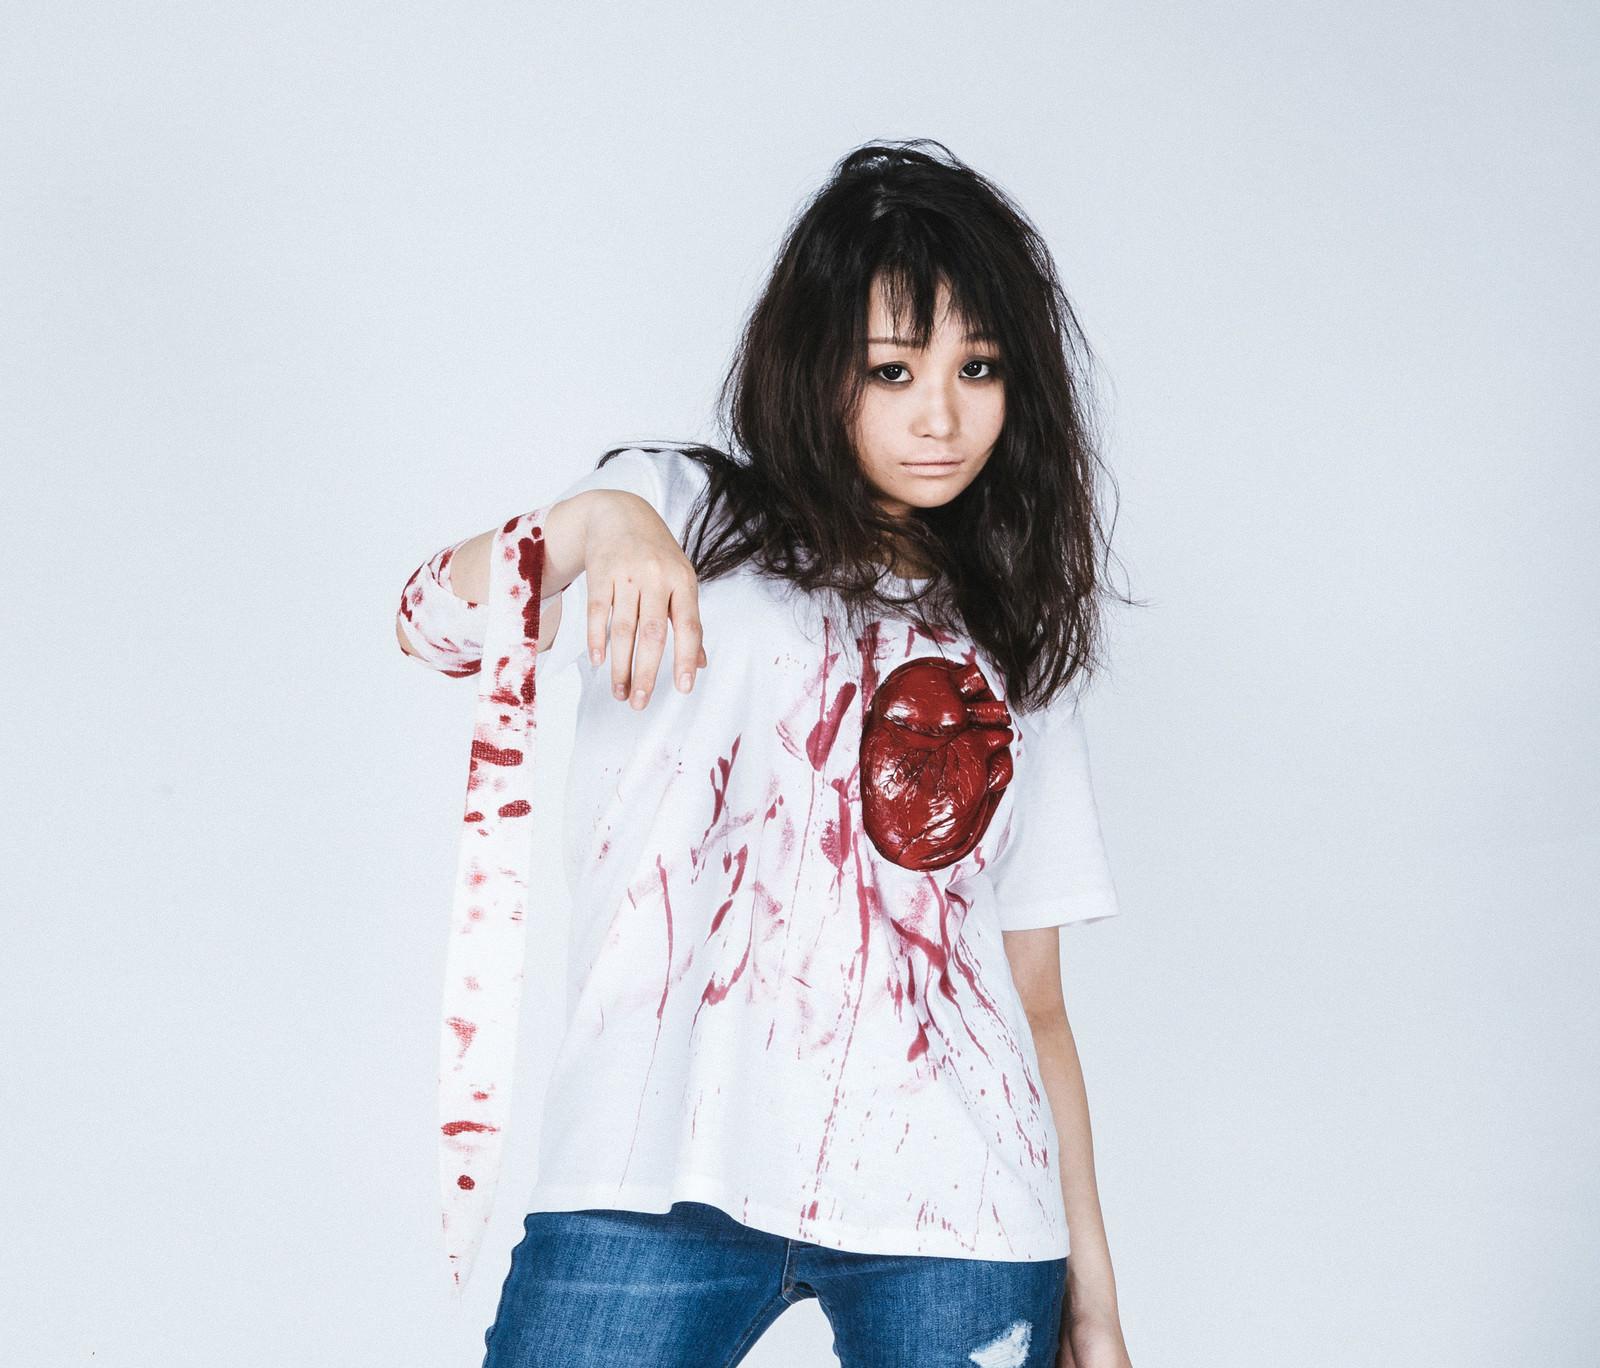 「心臓Tシャツを着て本格ハロウィン仮装美女 | 写真の無料素材・フリー素材 - ぱくたそ」の写真[モデル:茜さや]